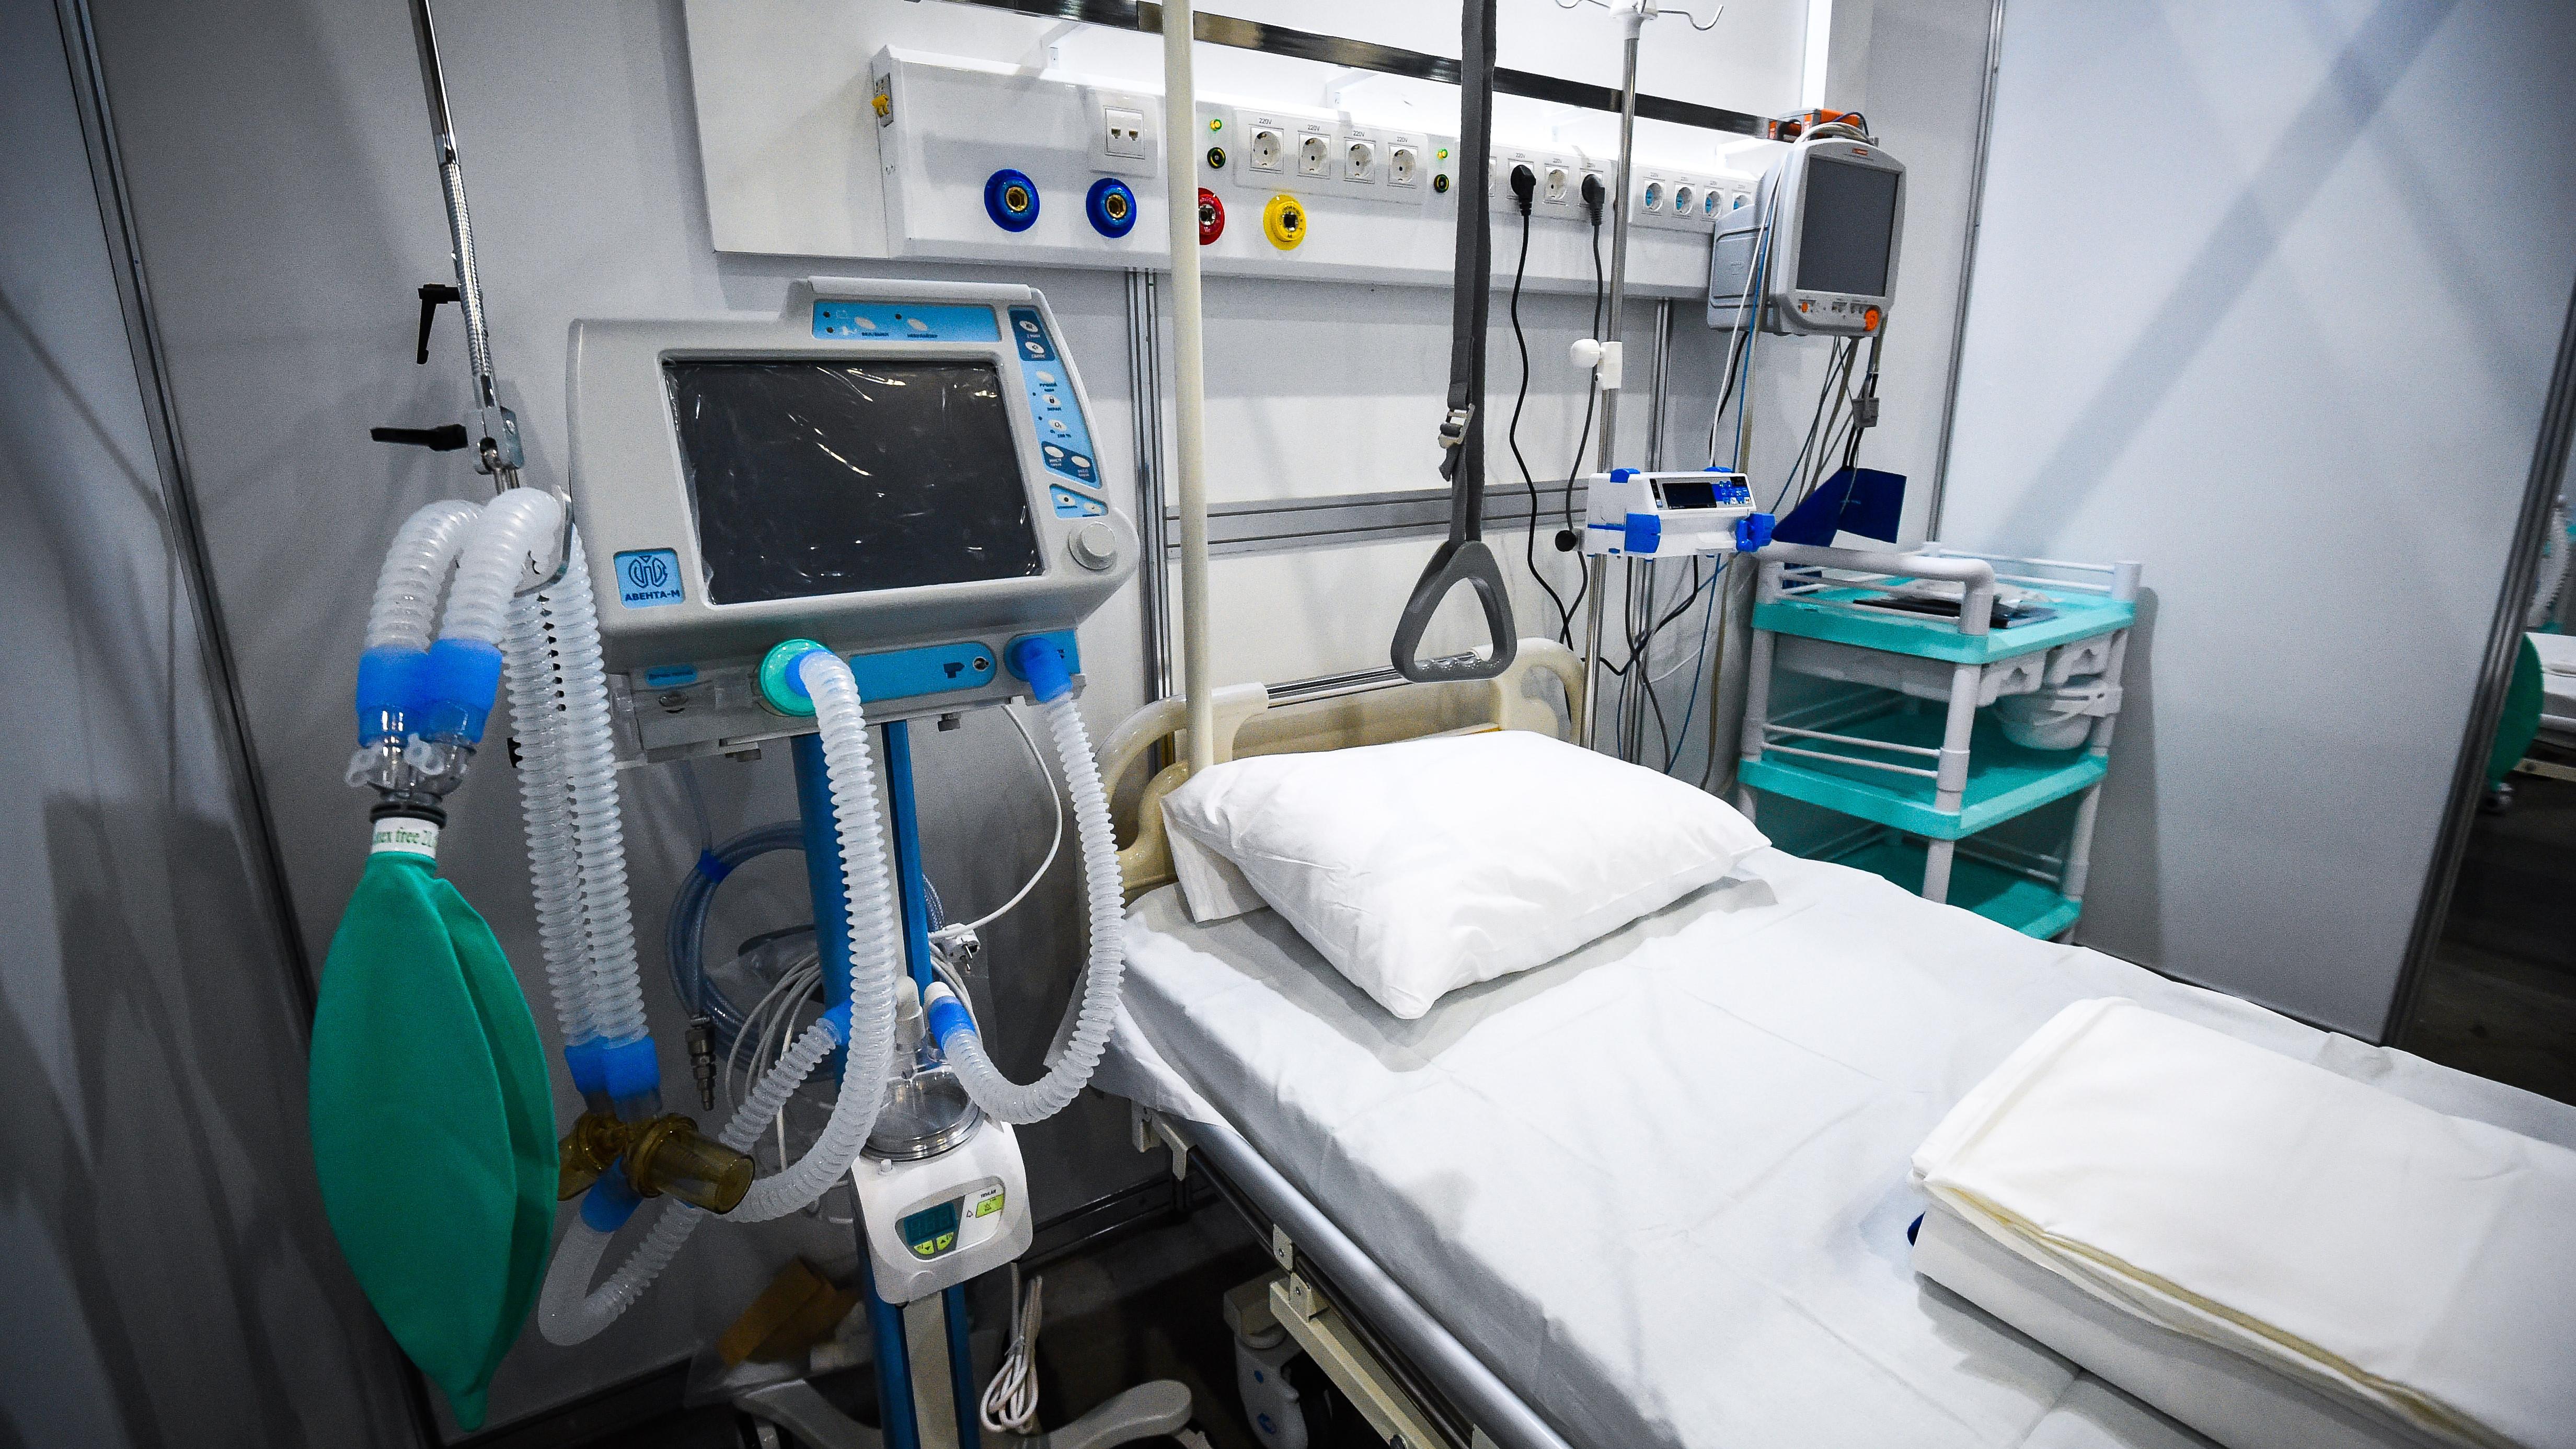 Более 1,1 тыс. случаев Covid-19 выявили в Подмосковье з-а сутки